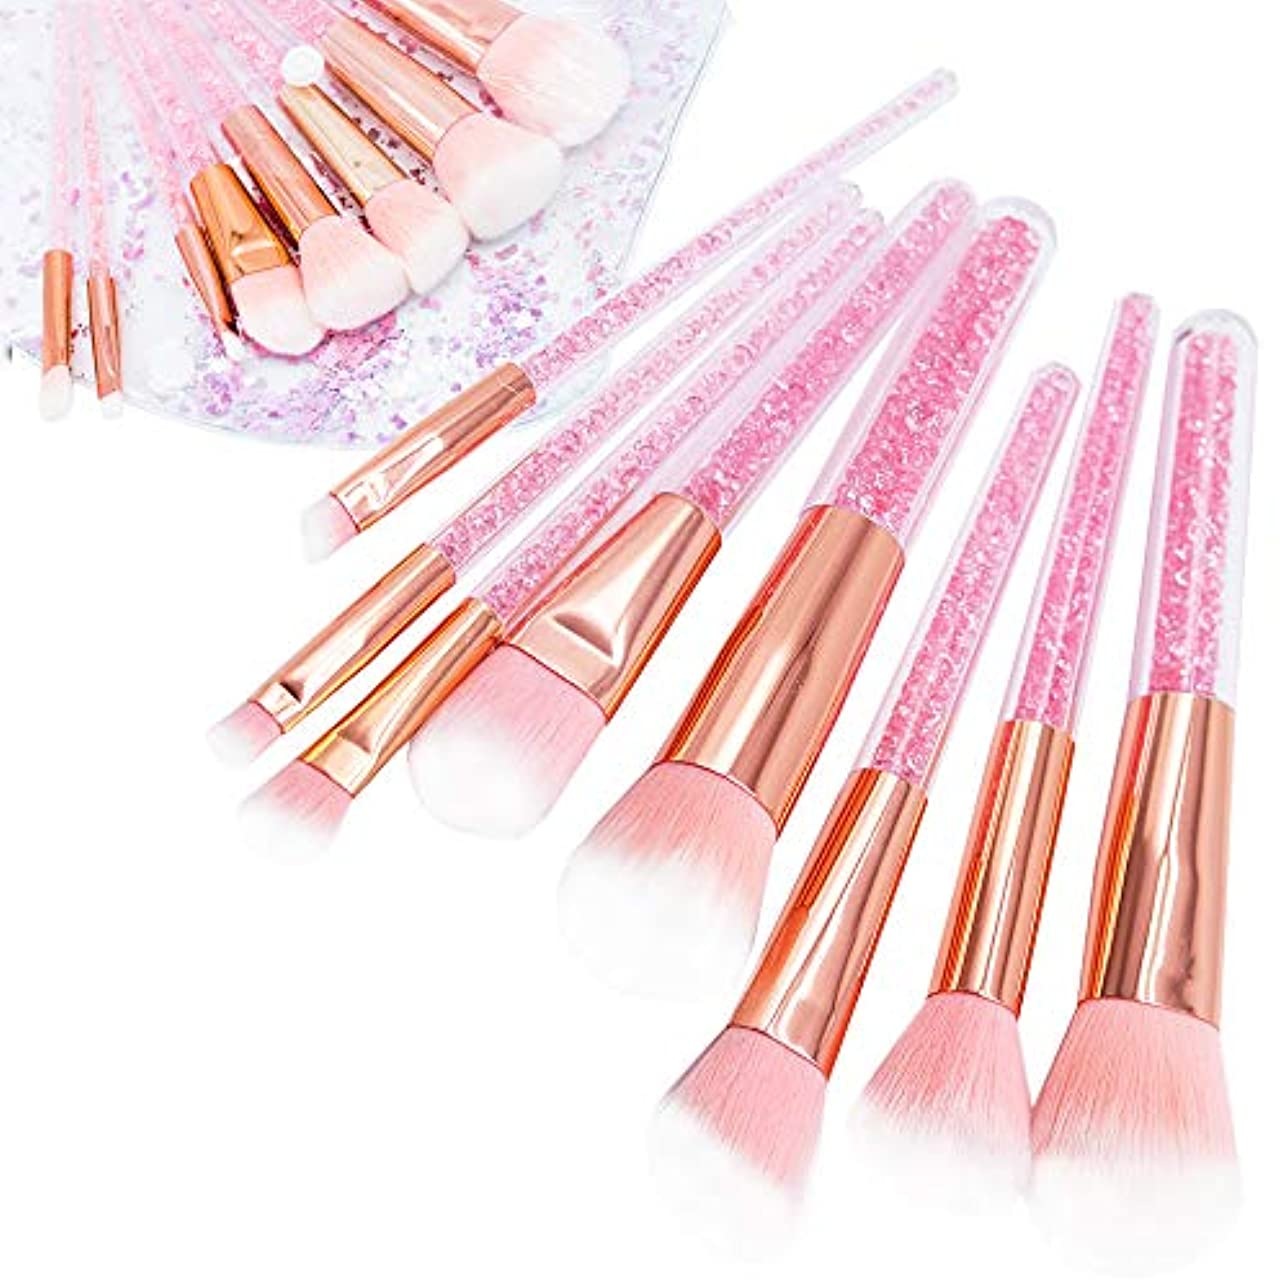 認証異議動機付けるUrban frontier メイクブラシ 化粧筆 可愛いピンク 8本セット 化粧ポーチ付き 携帯便利 敏感肌適用